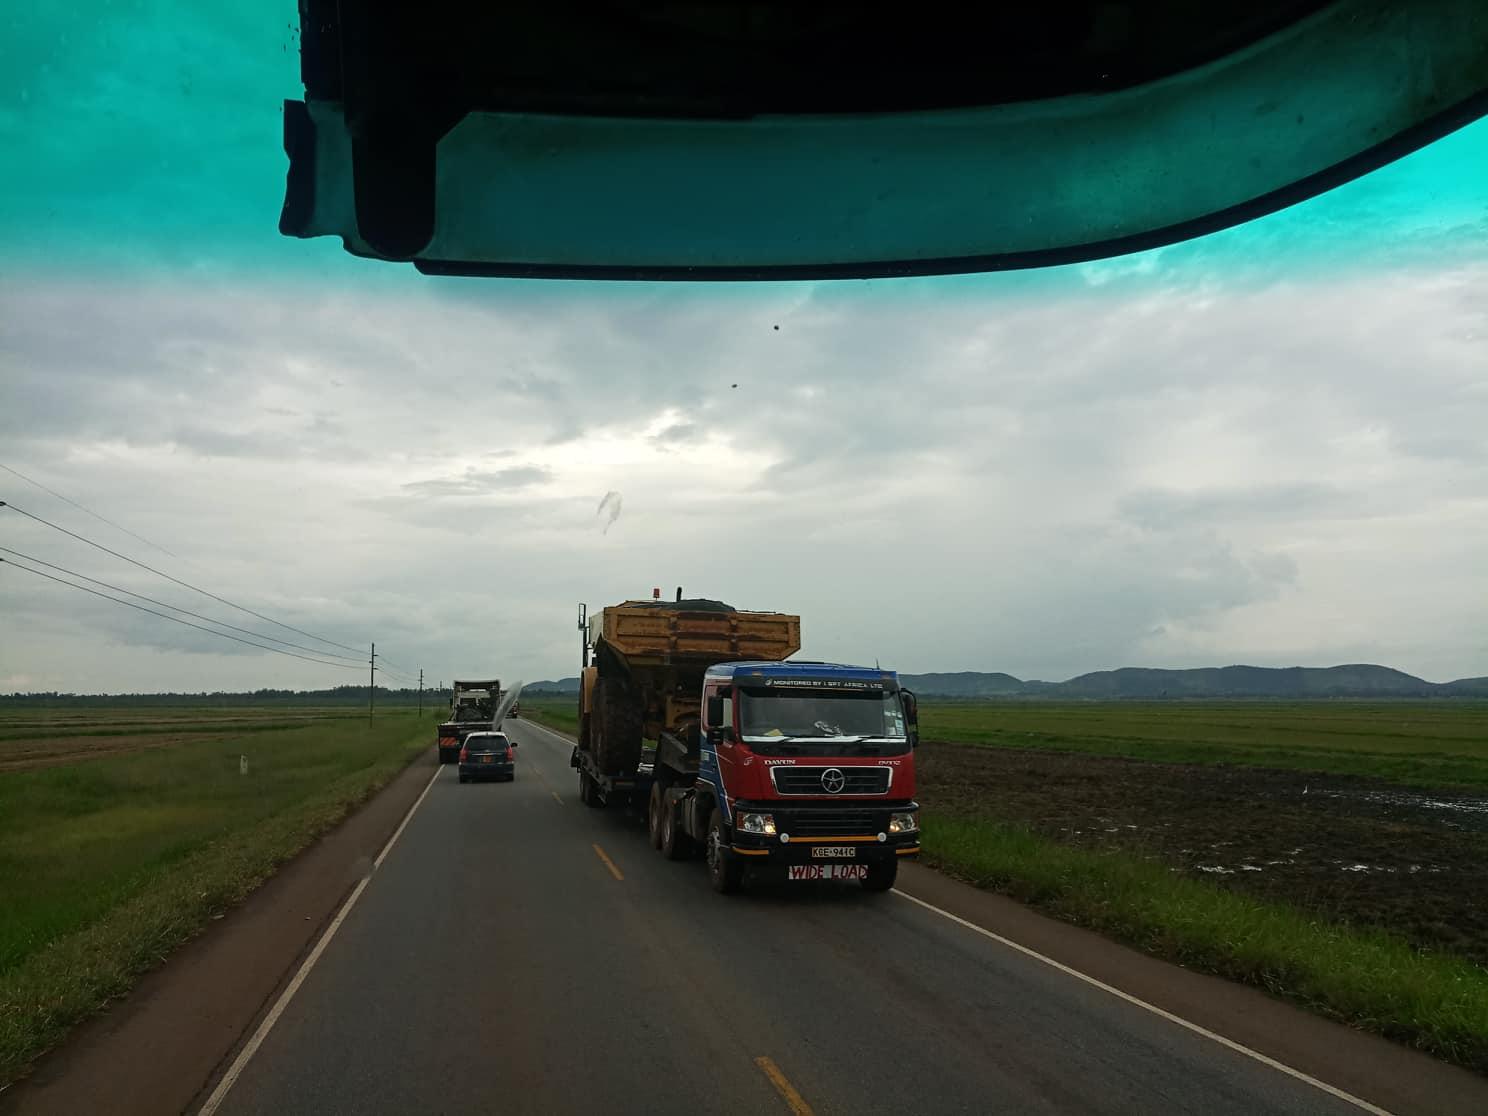 21-6-2018-to-Kenia-Mkhaleedy-Mwanja--1[1]